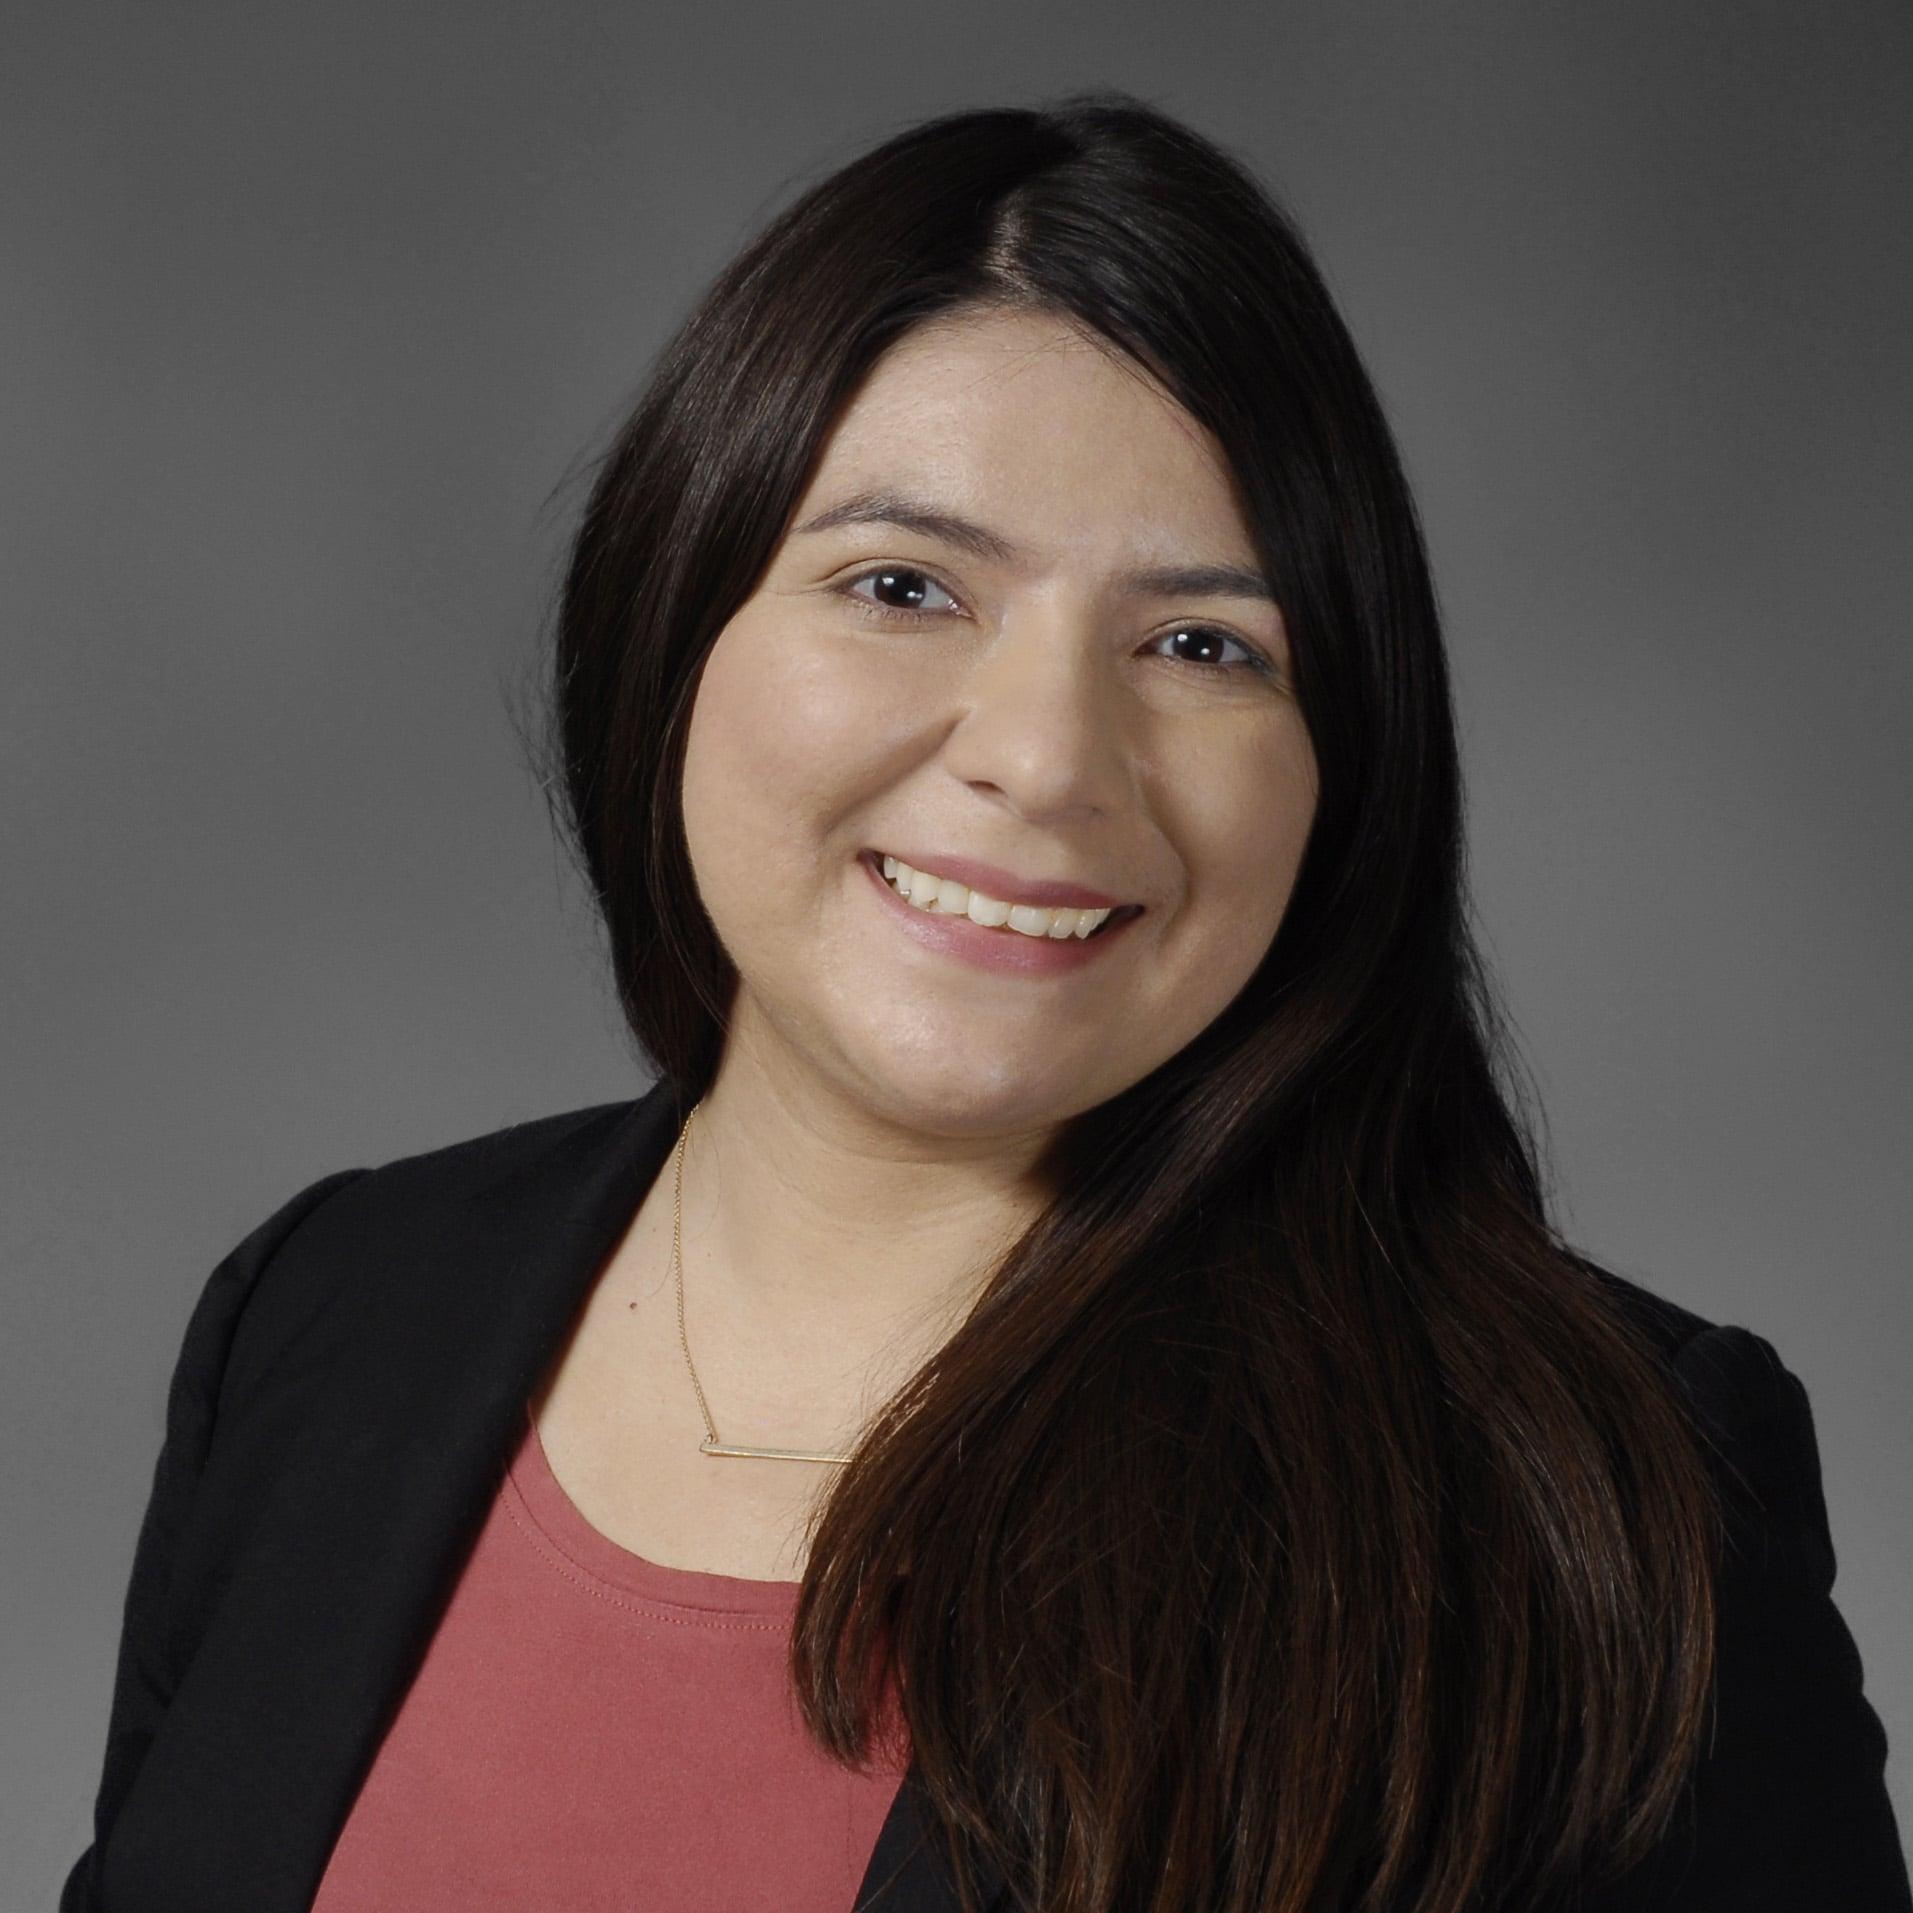 Kimberly Muñoz